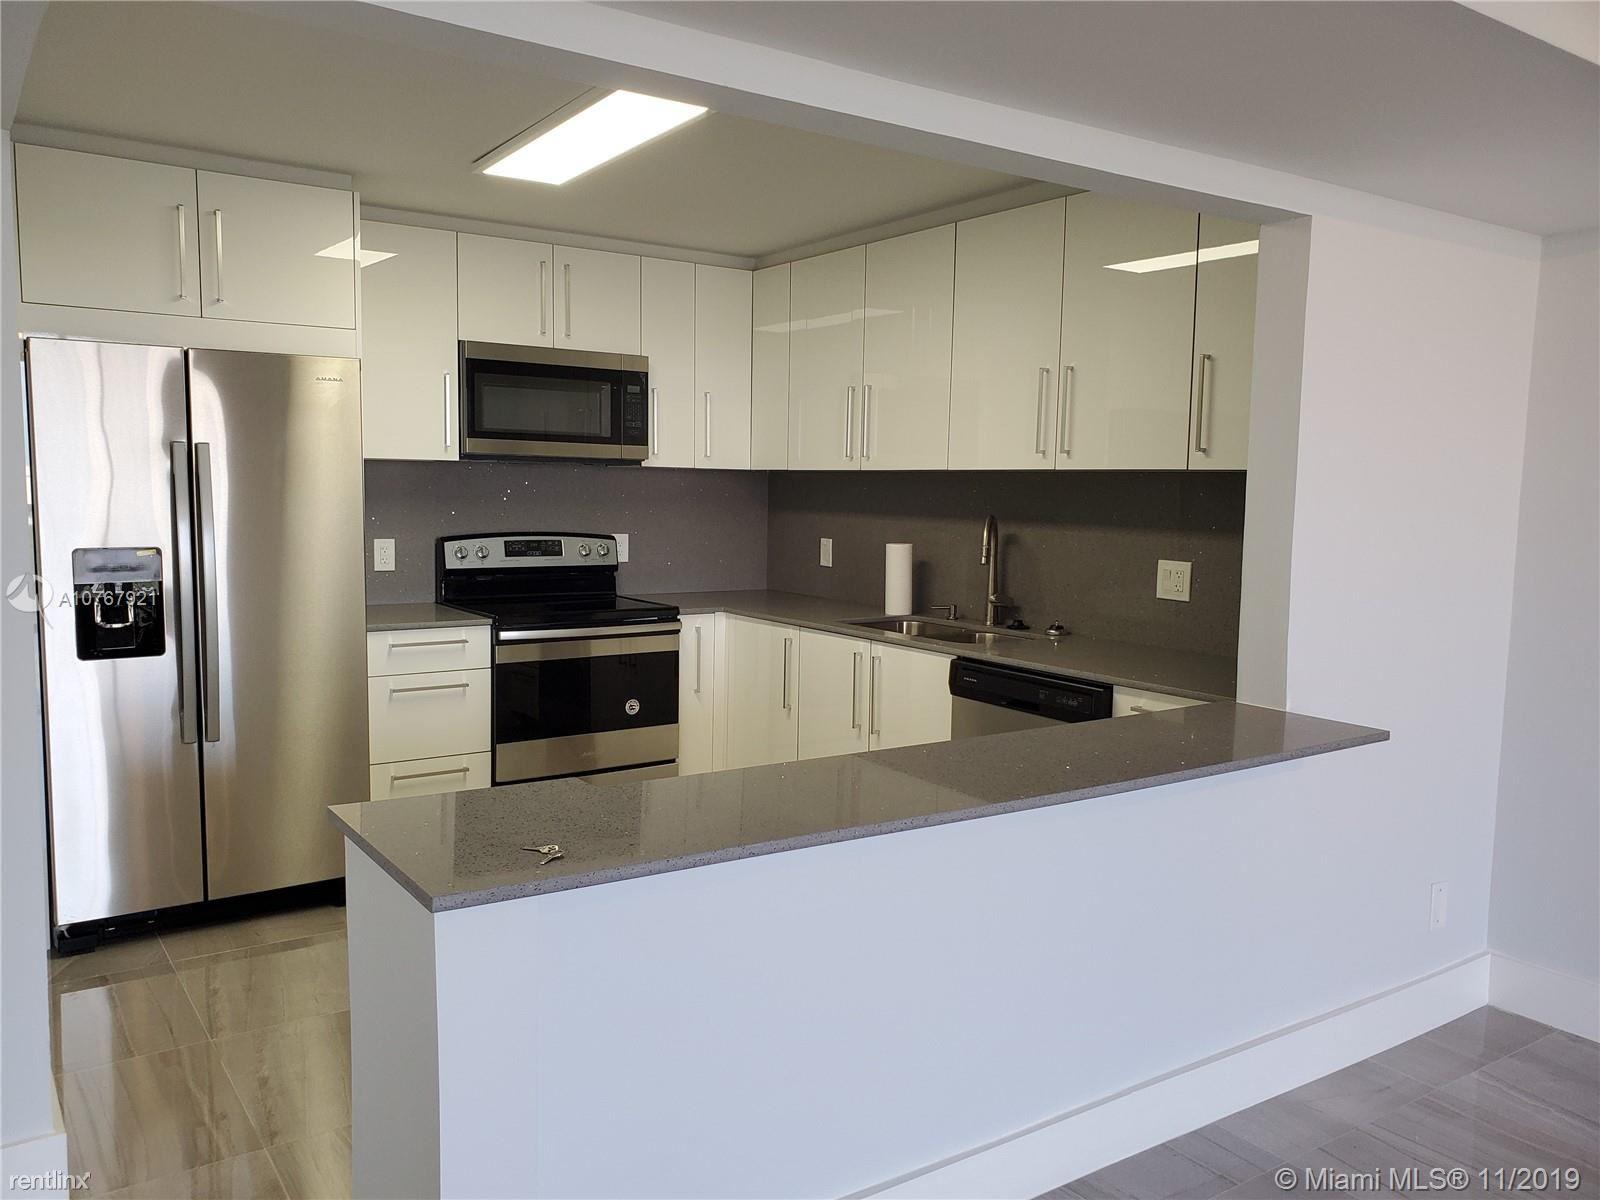 13499 Biscayne Blvd, North Miami, FL - $1,800